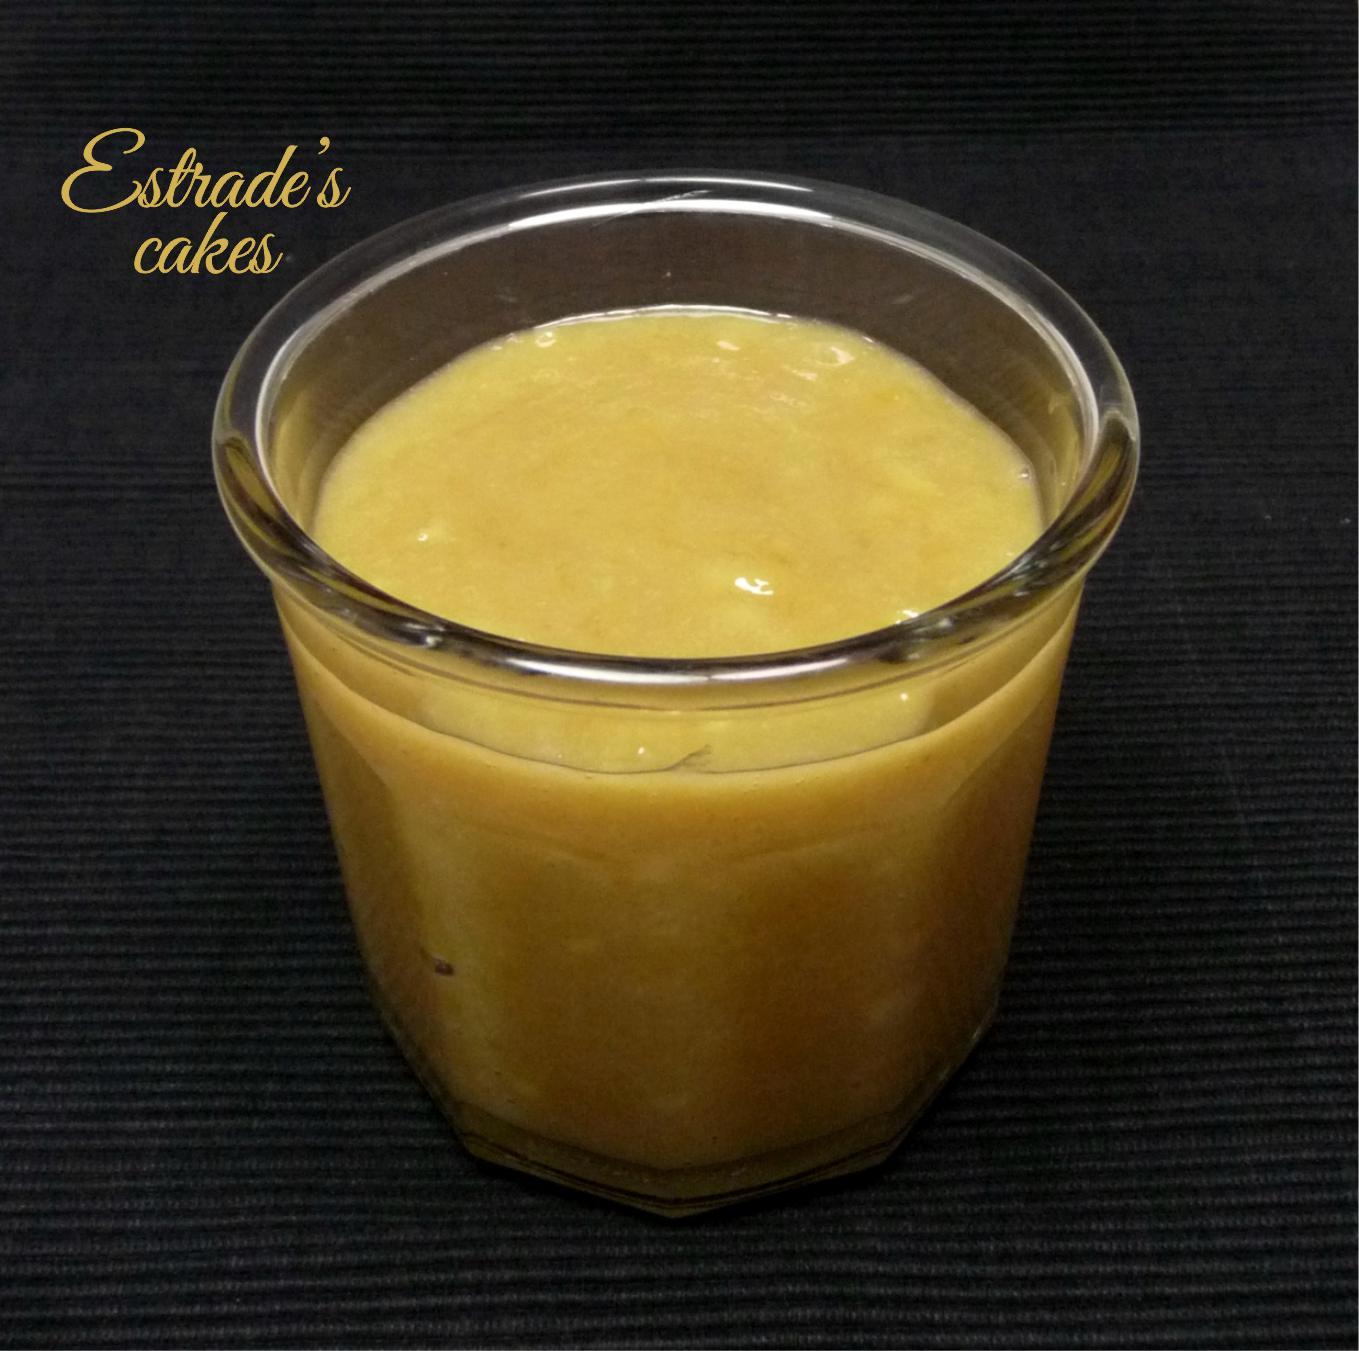 receta de crema plátano y chocolate blanco - 1